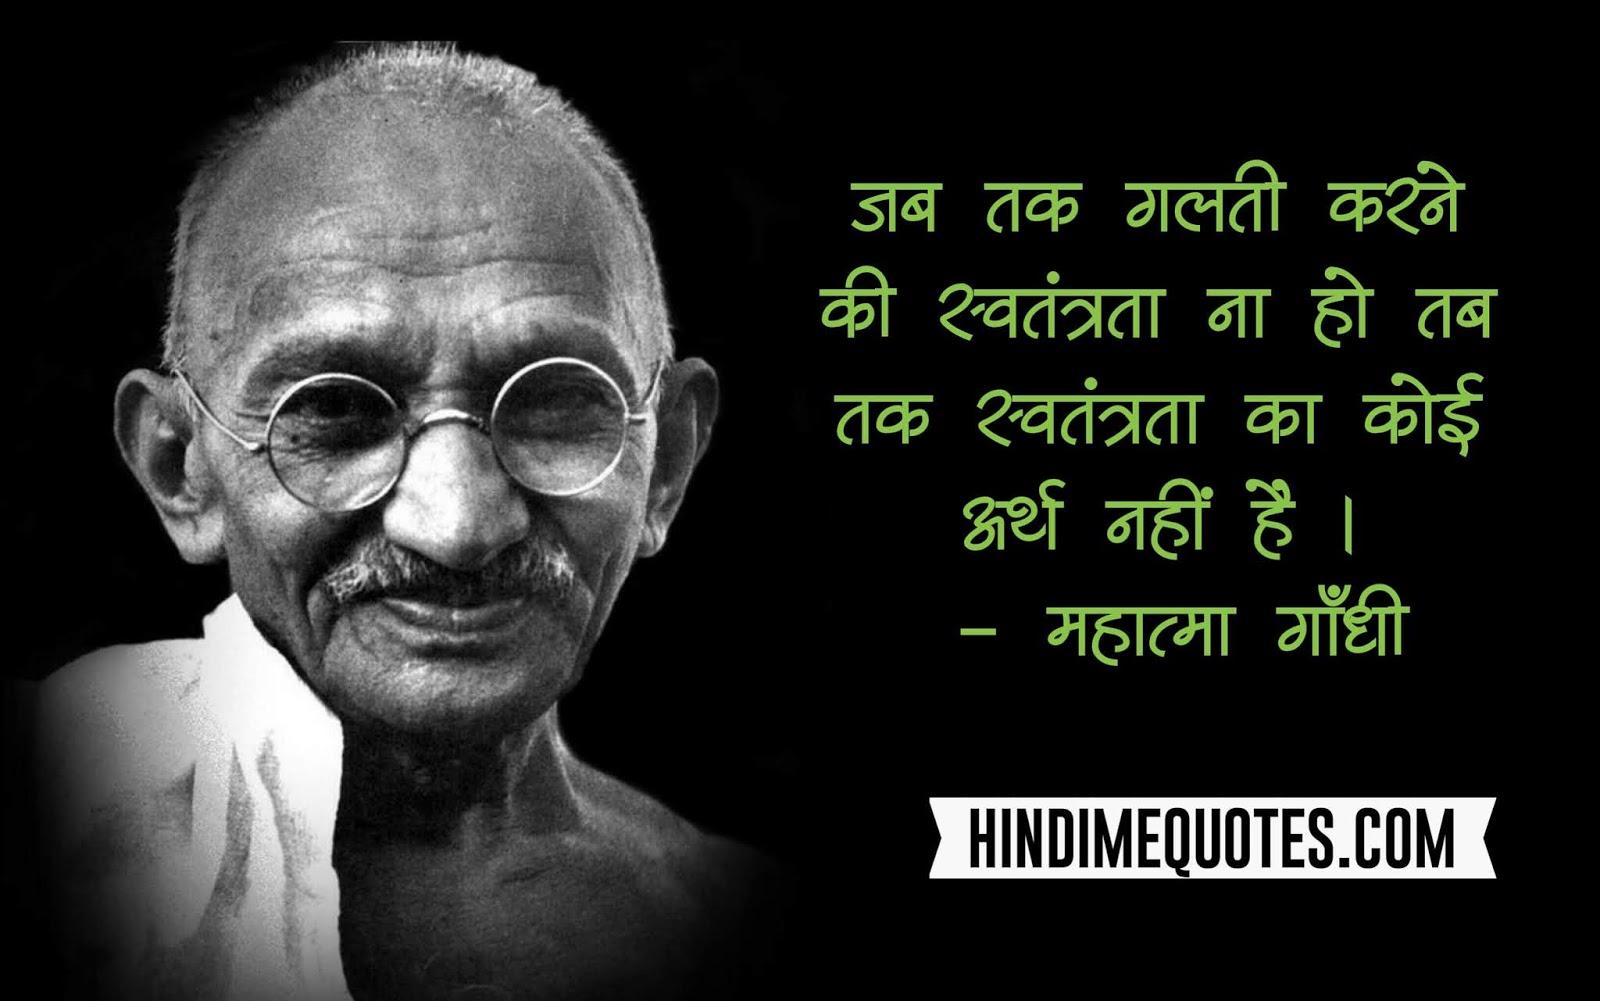 Gandhi-jayanti-quotes